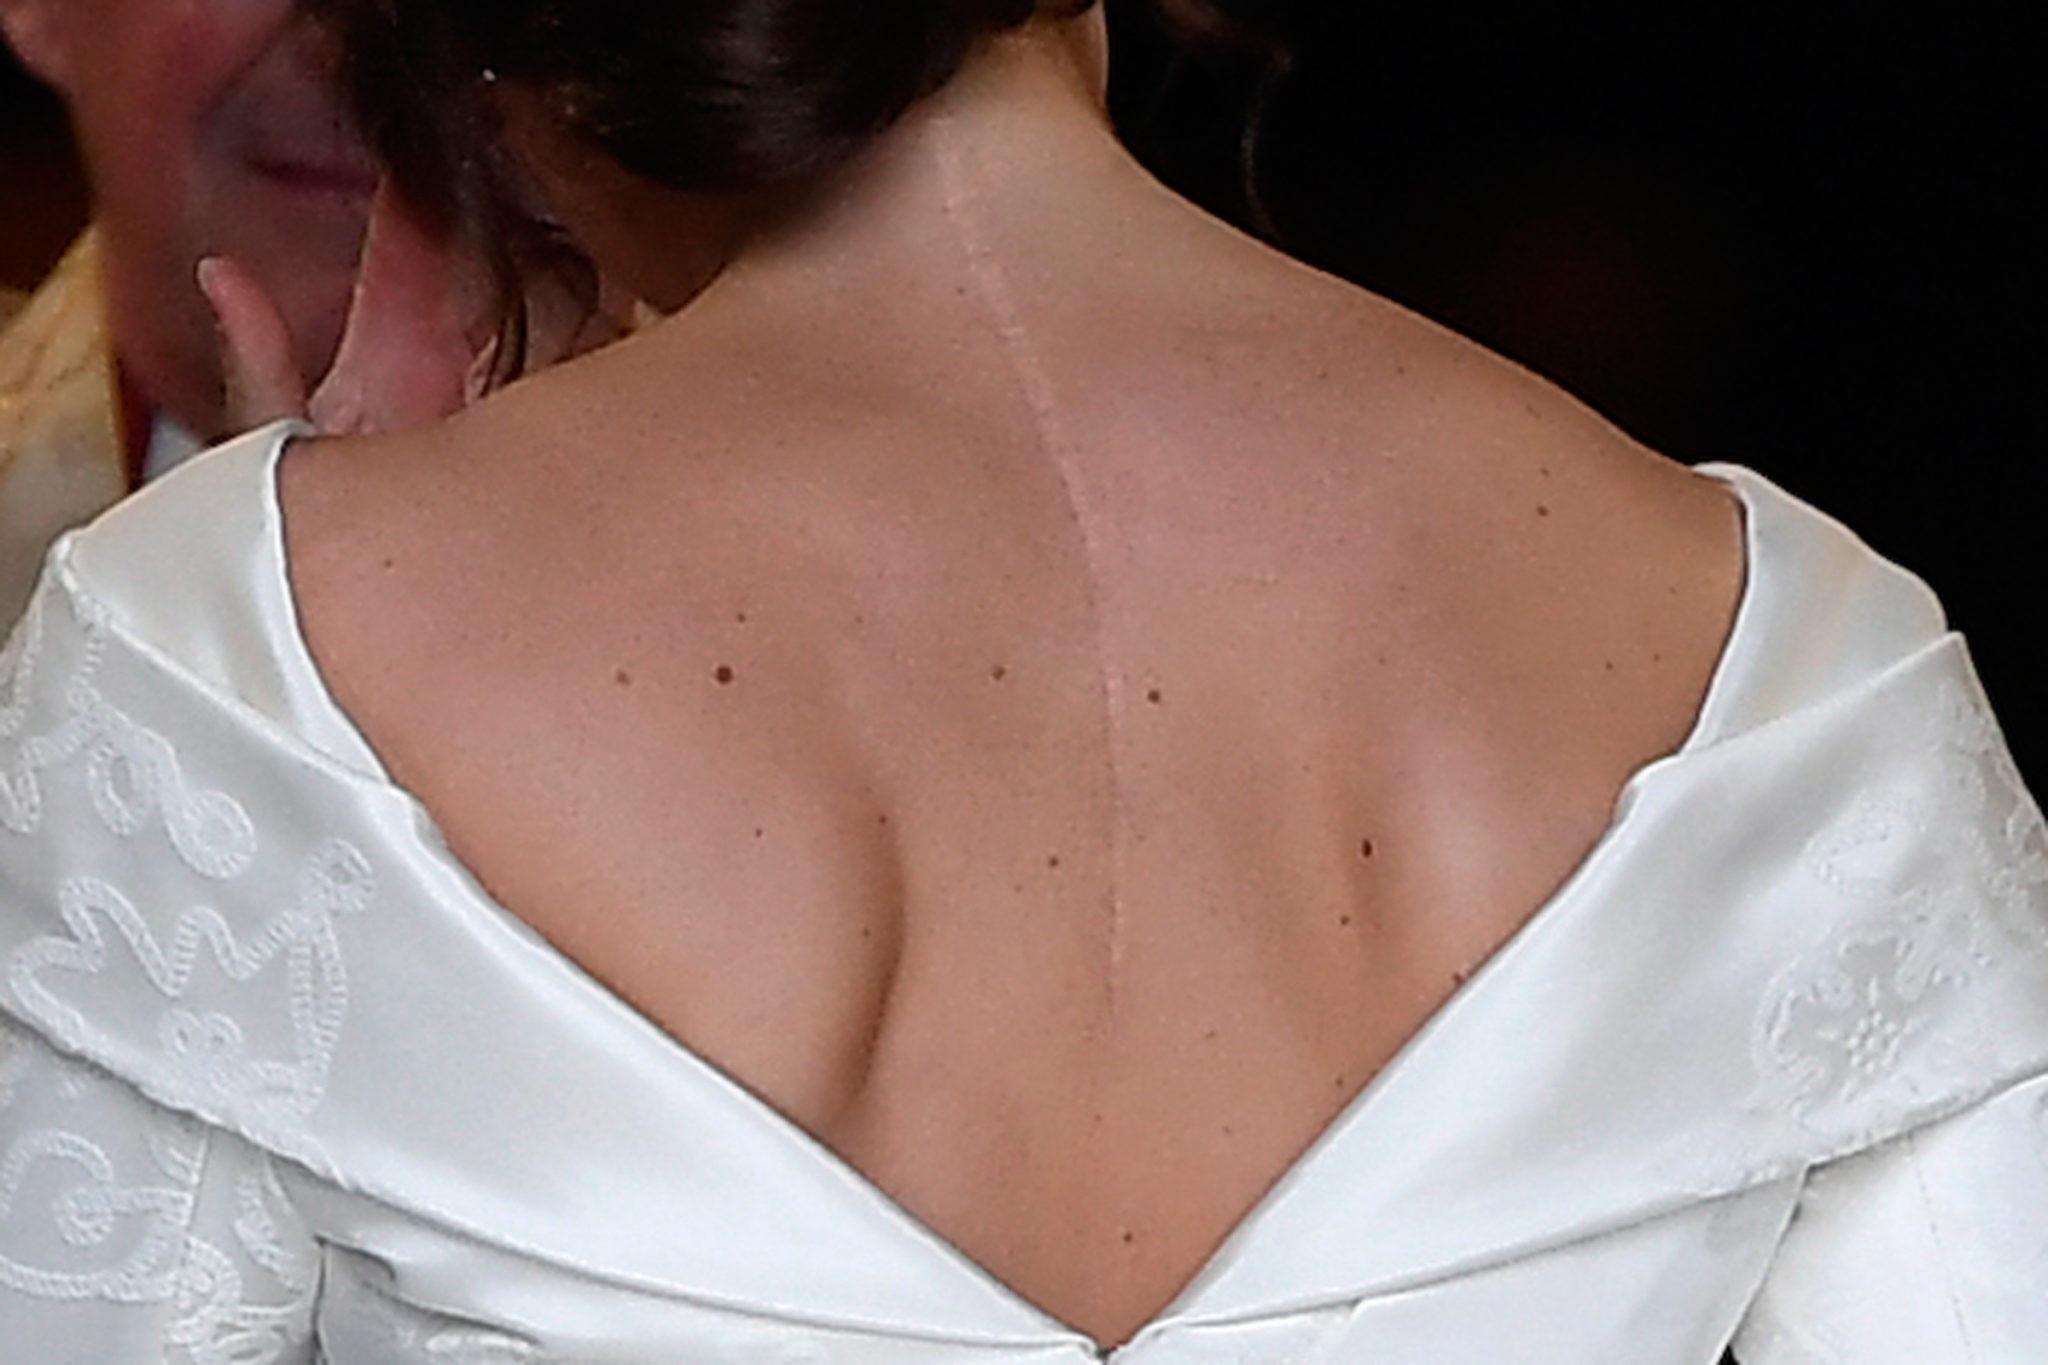 La scelta della principessa Eugenie di mettere in mostra la sua cicatrice